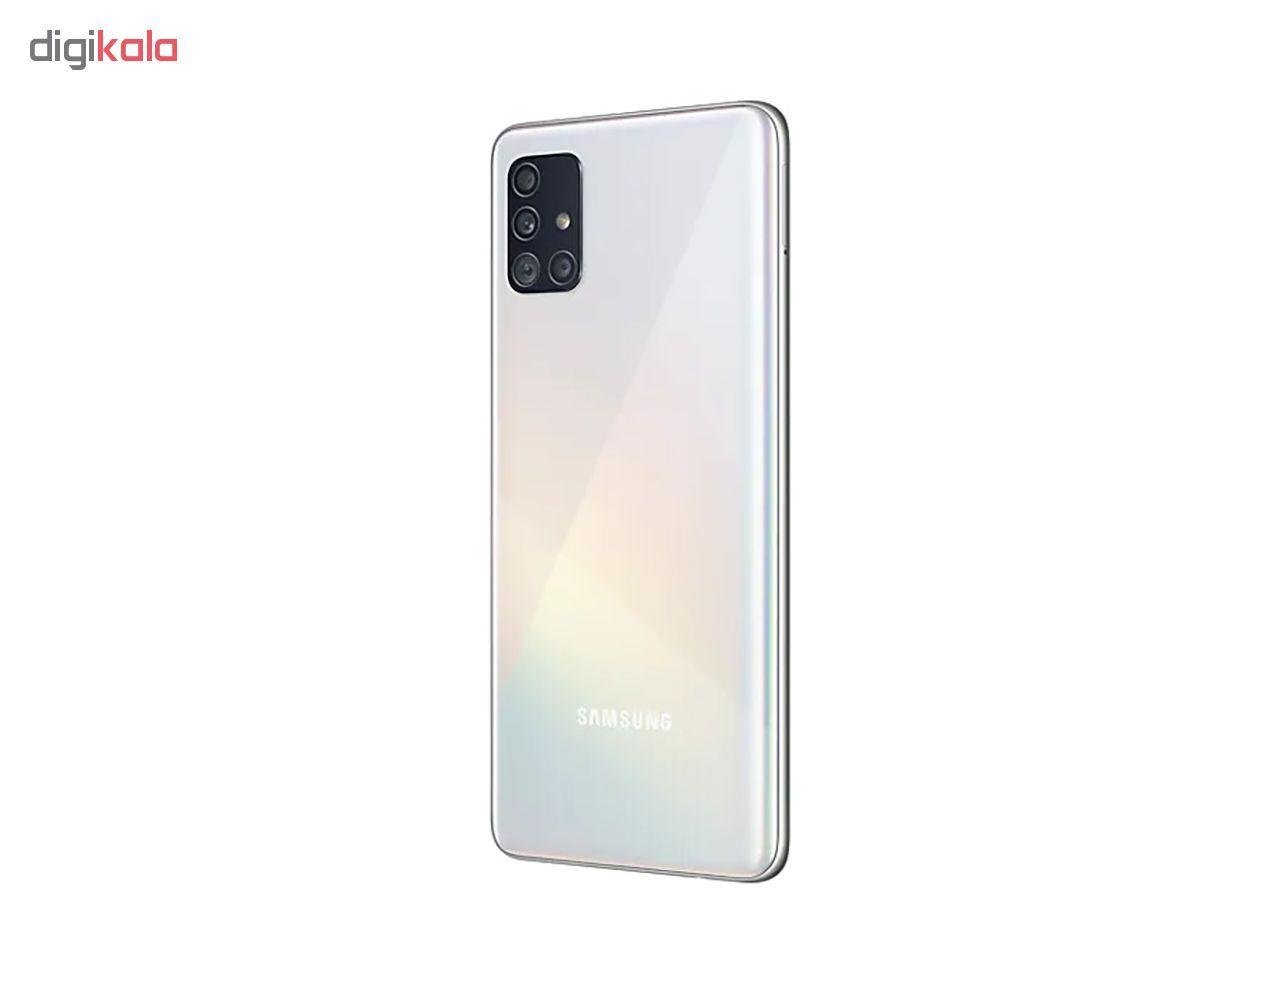 گوشی موبایل سامسونگ مدل Galaxy A51 SM-A515F/DSN دو سیم کارت ظرفیت 128گیگابایت main 1 19